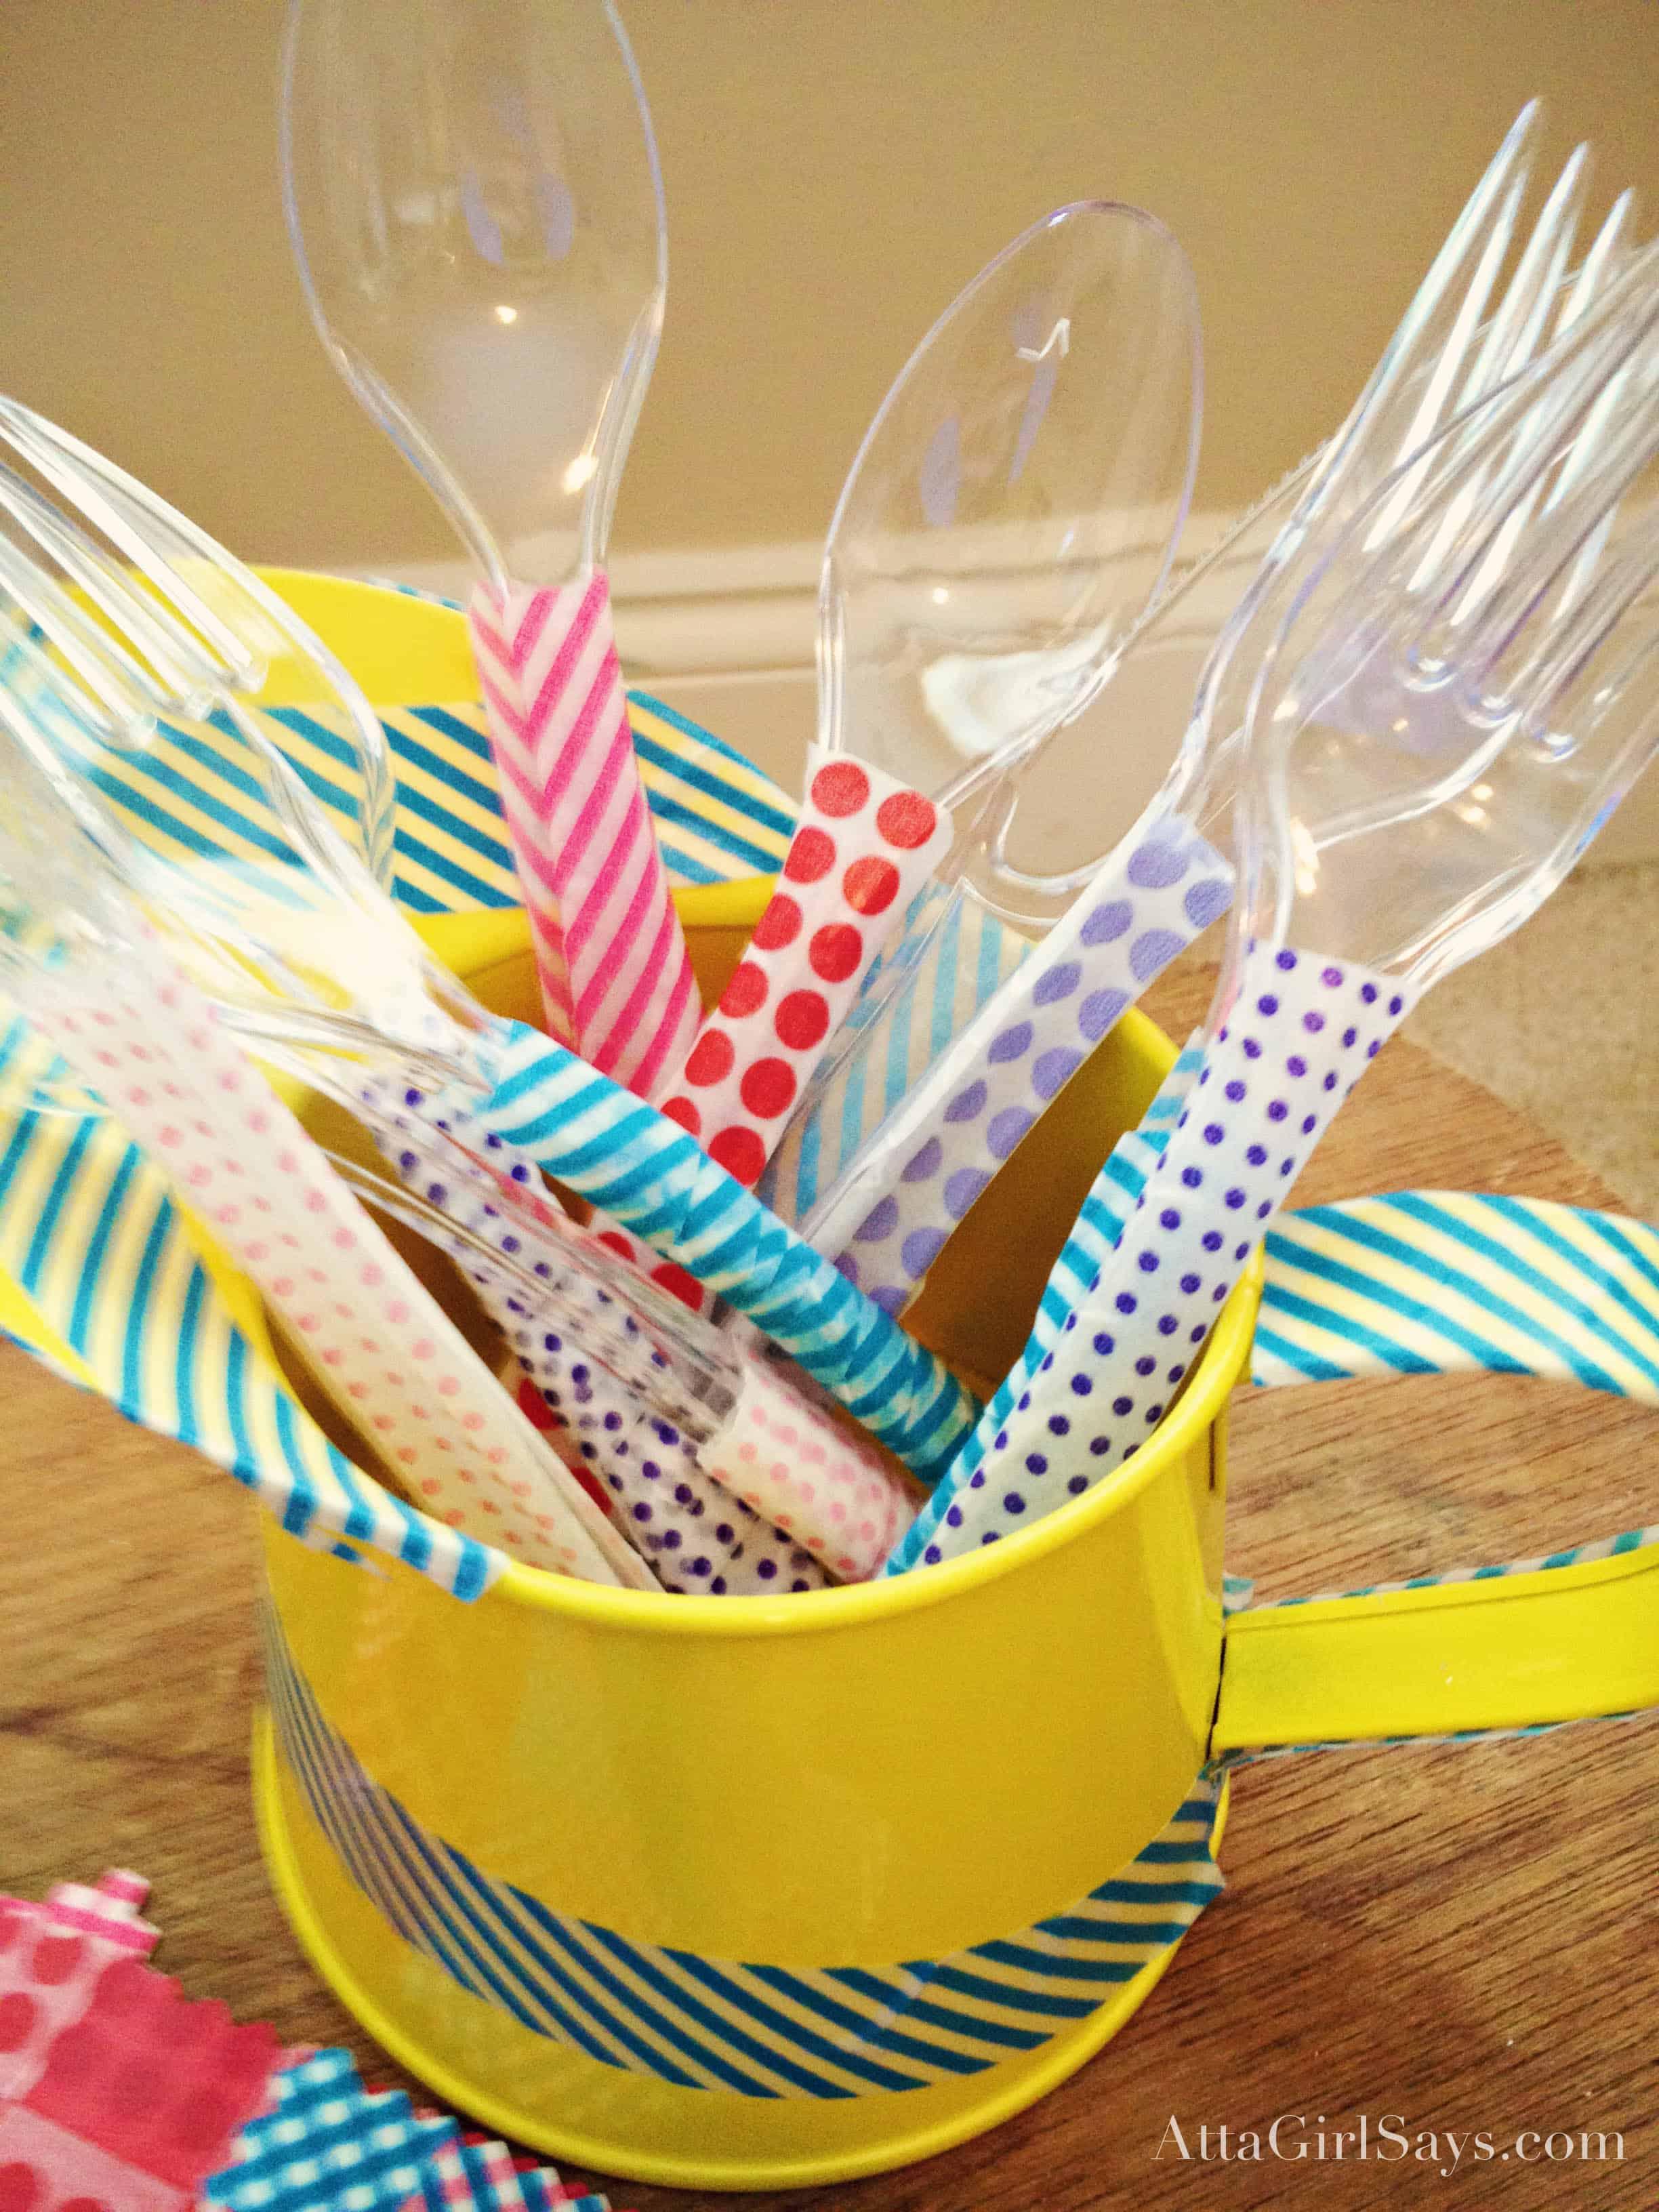 Washi tape cutlery